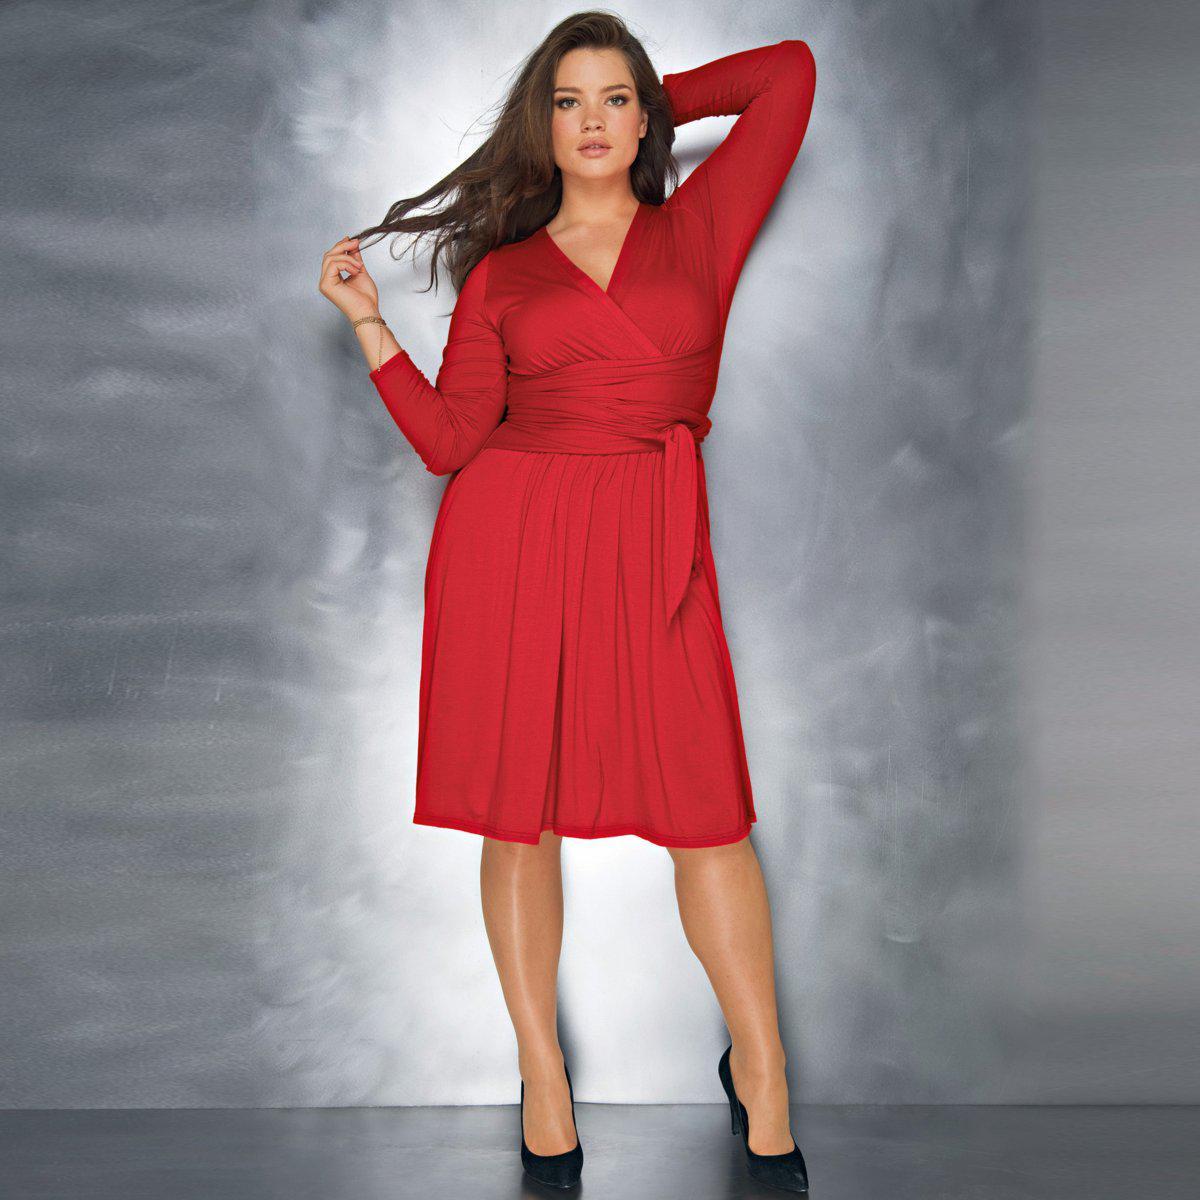 Βραδυνα Φορεματα Μεγαλα Μεγεθη Φθινόπωρο 2011 κωδ. 324245195 f3167c20928